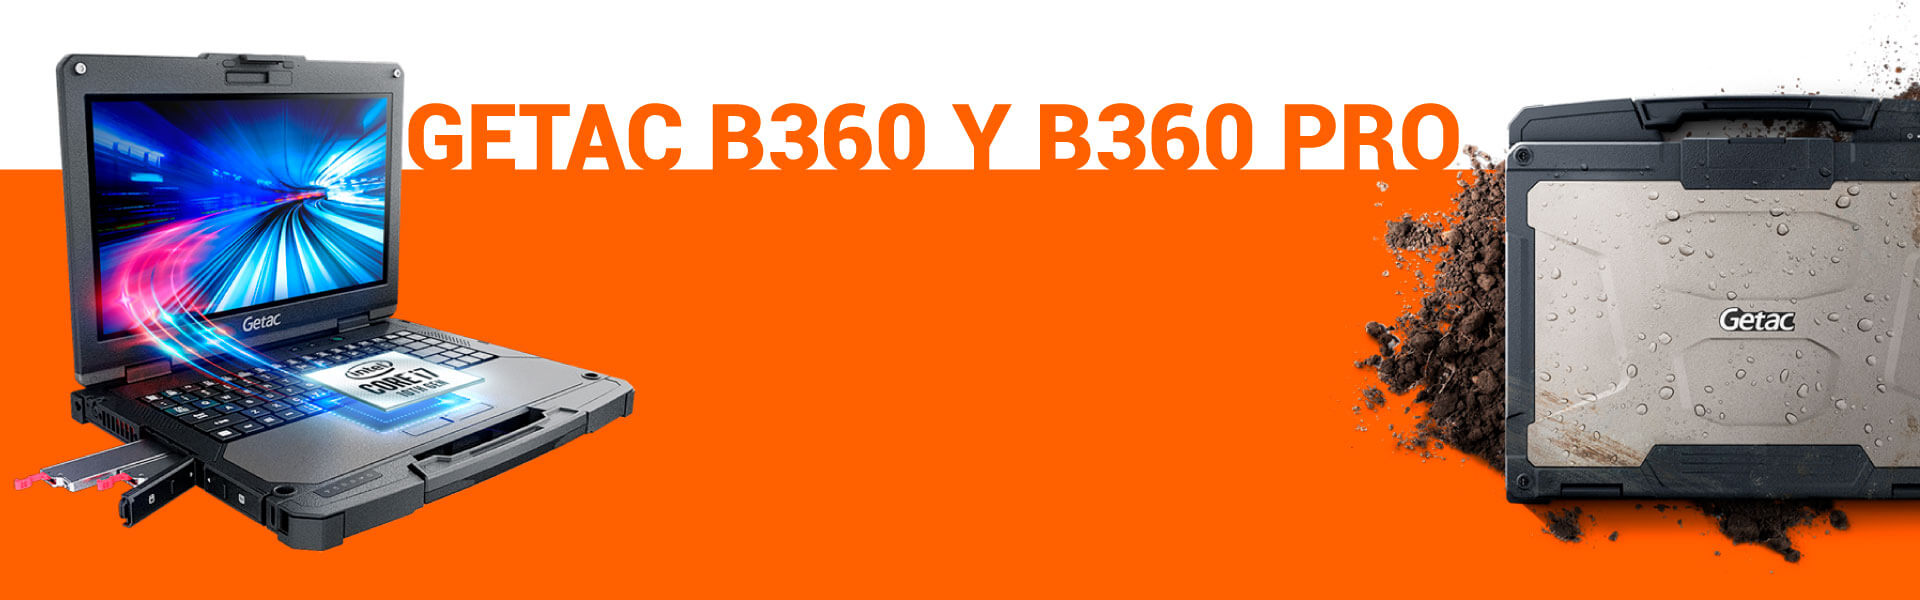 Getac B360: nuevo portátil robusto de máxima potencia y adaptabilidad